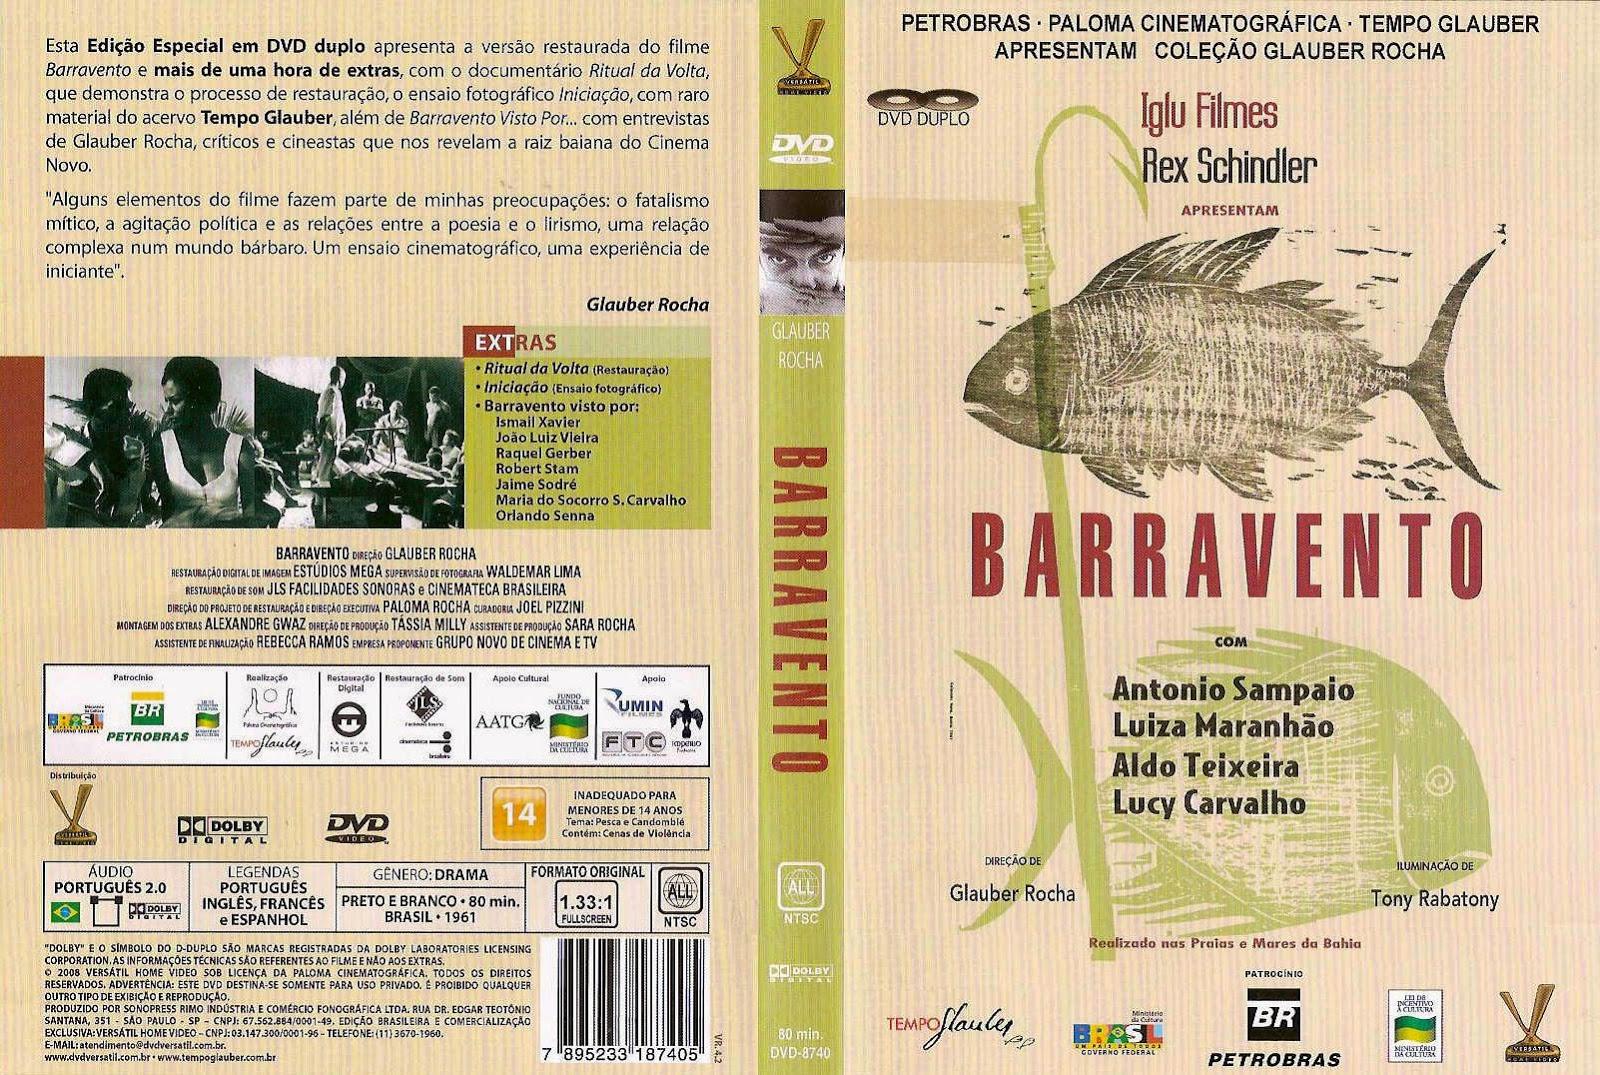 Capa DVD Barravento